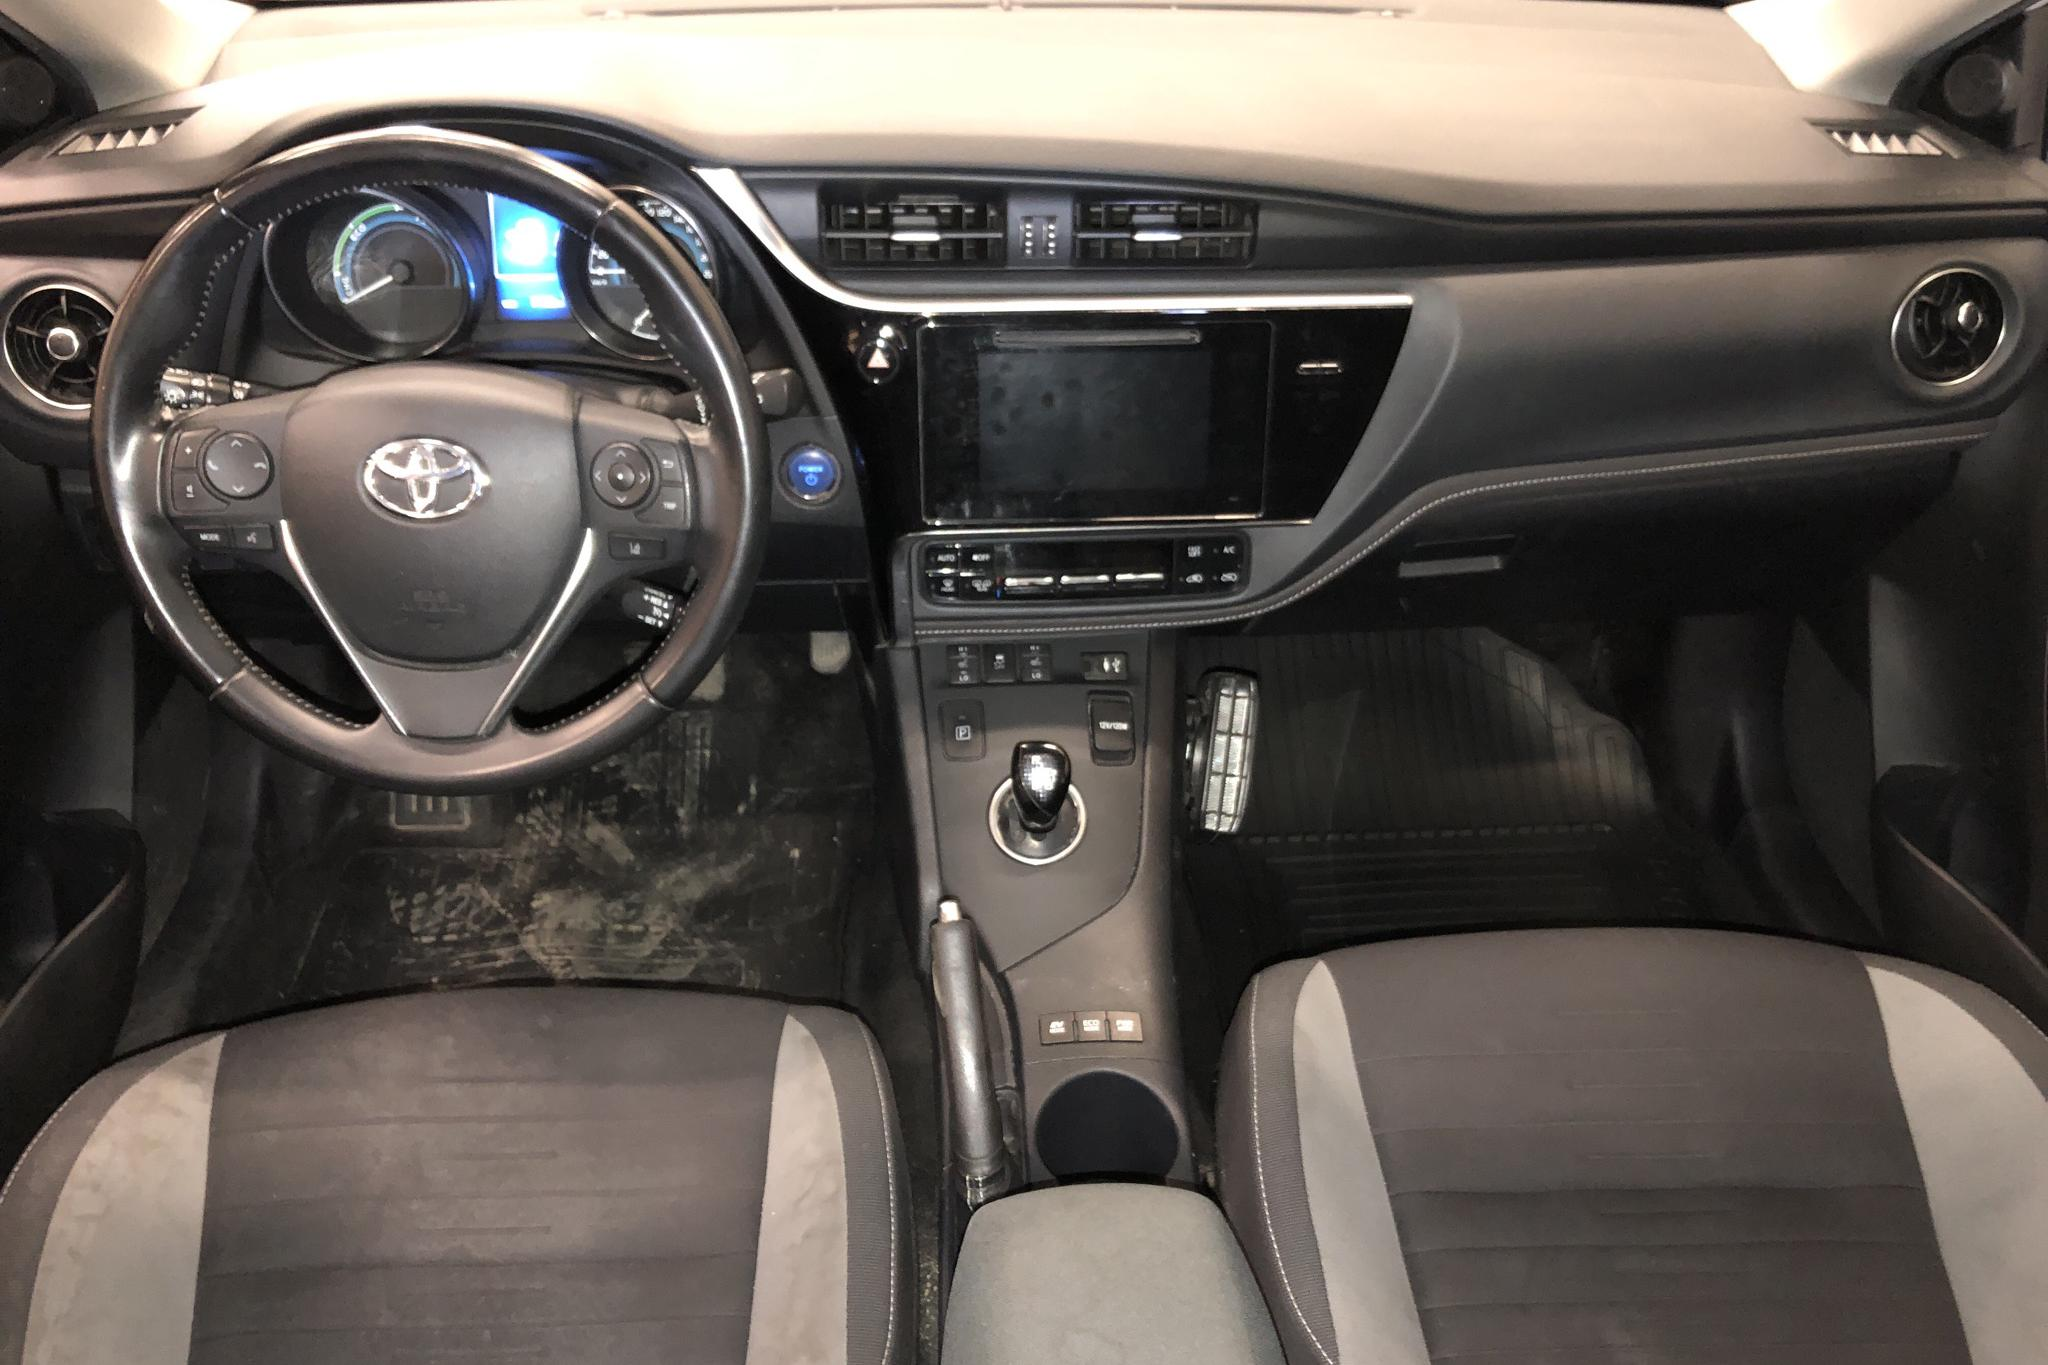 Toyota Auris 1.8 HSD 5dr (99hk) - 7 120 mil - Automat - vit - 2016